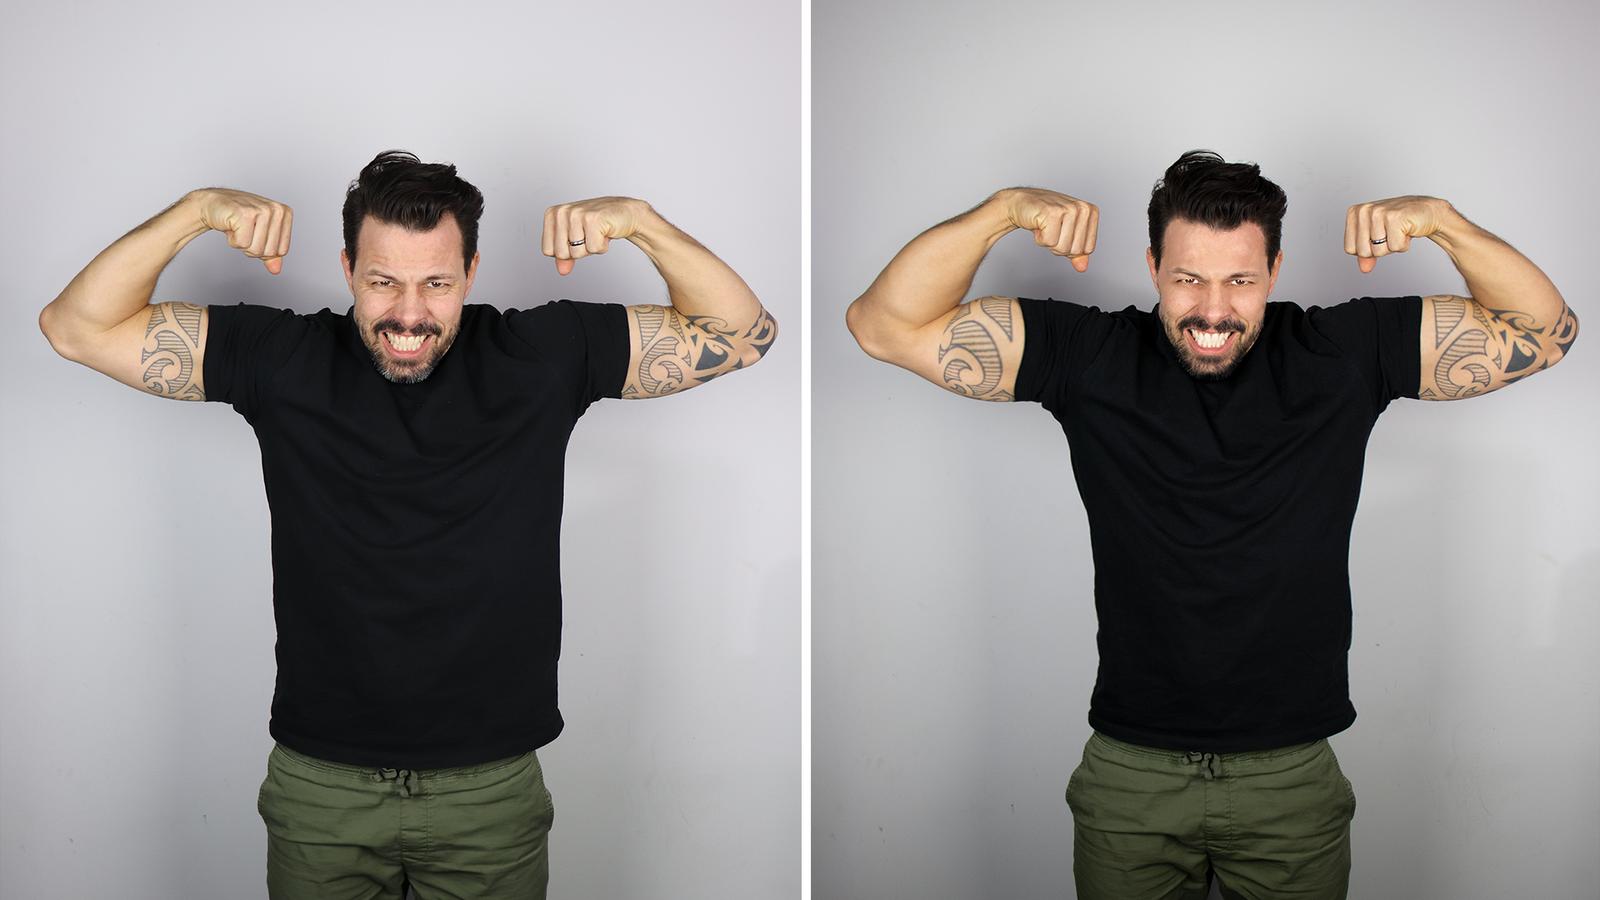 Nick ist ohnehin schon muskulös, aber ein bisschen mehr geht doch immer, oder? (© Radio 24)